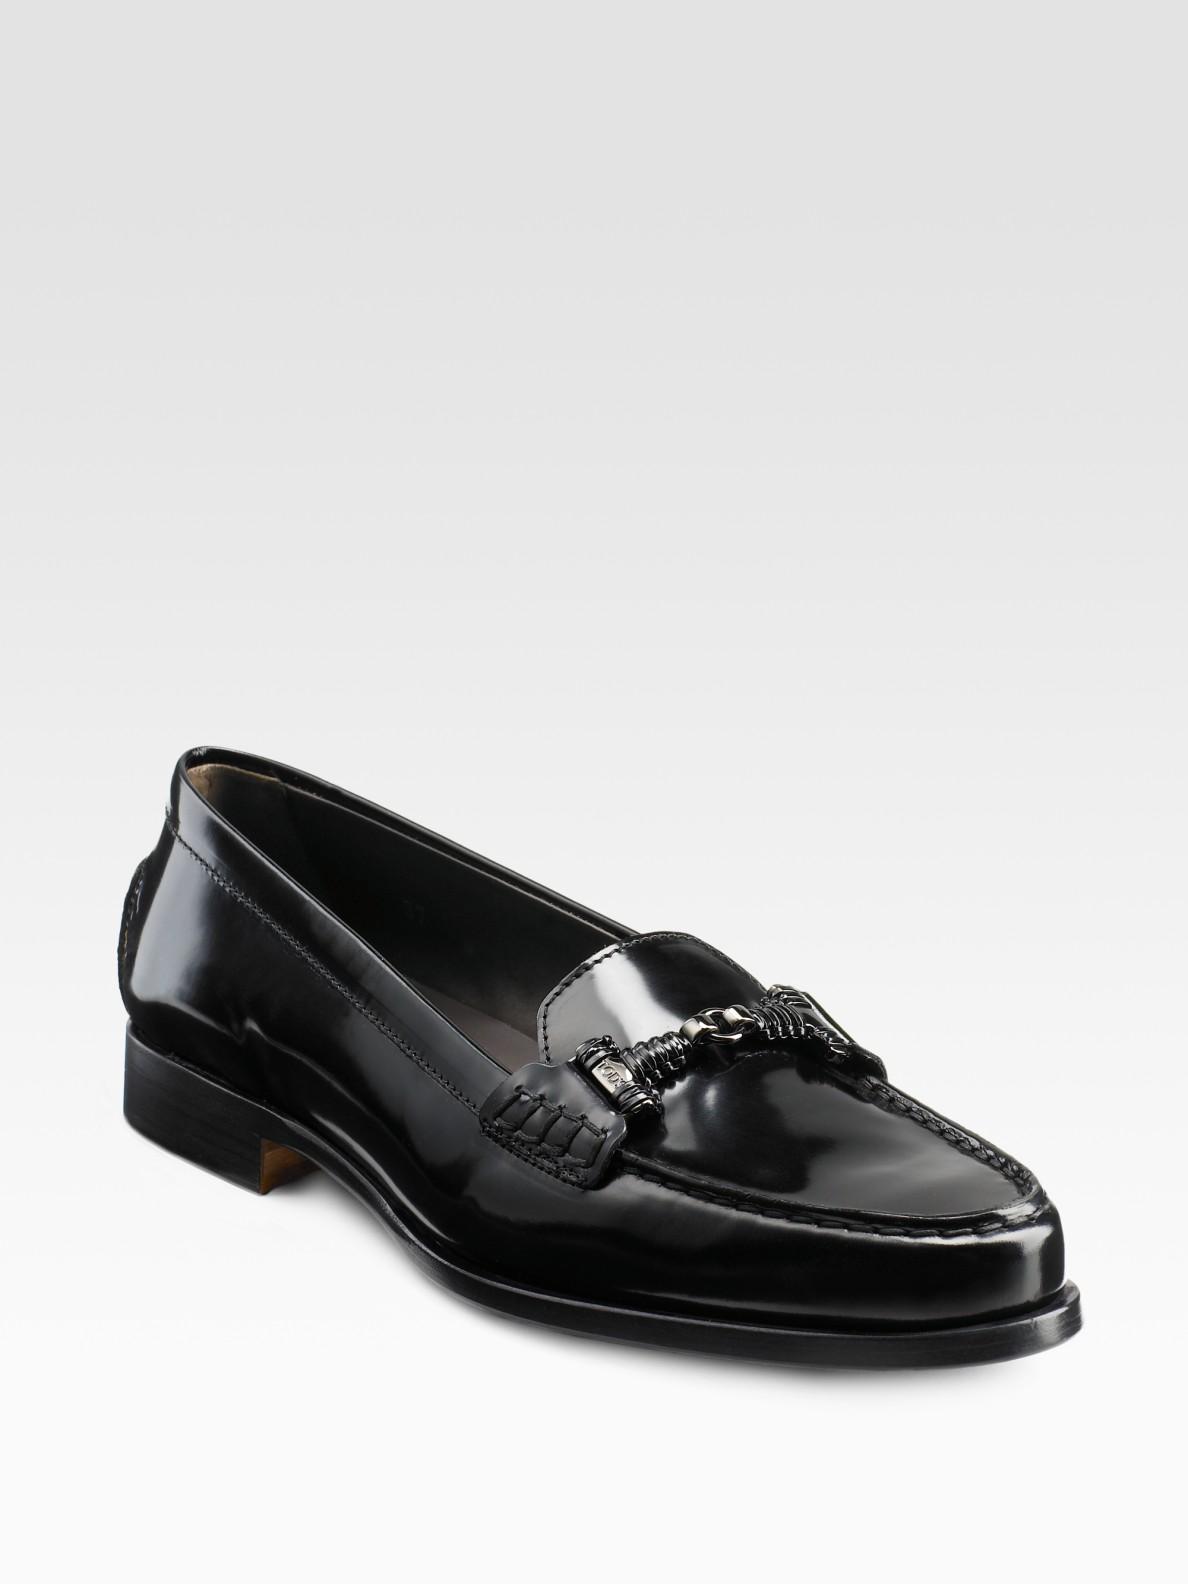 603cff8e47e Lyst - Tod s Citta Doppia Patent Leather Loafers in Black